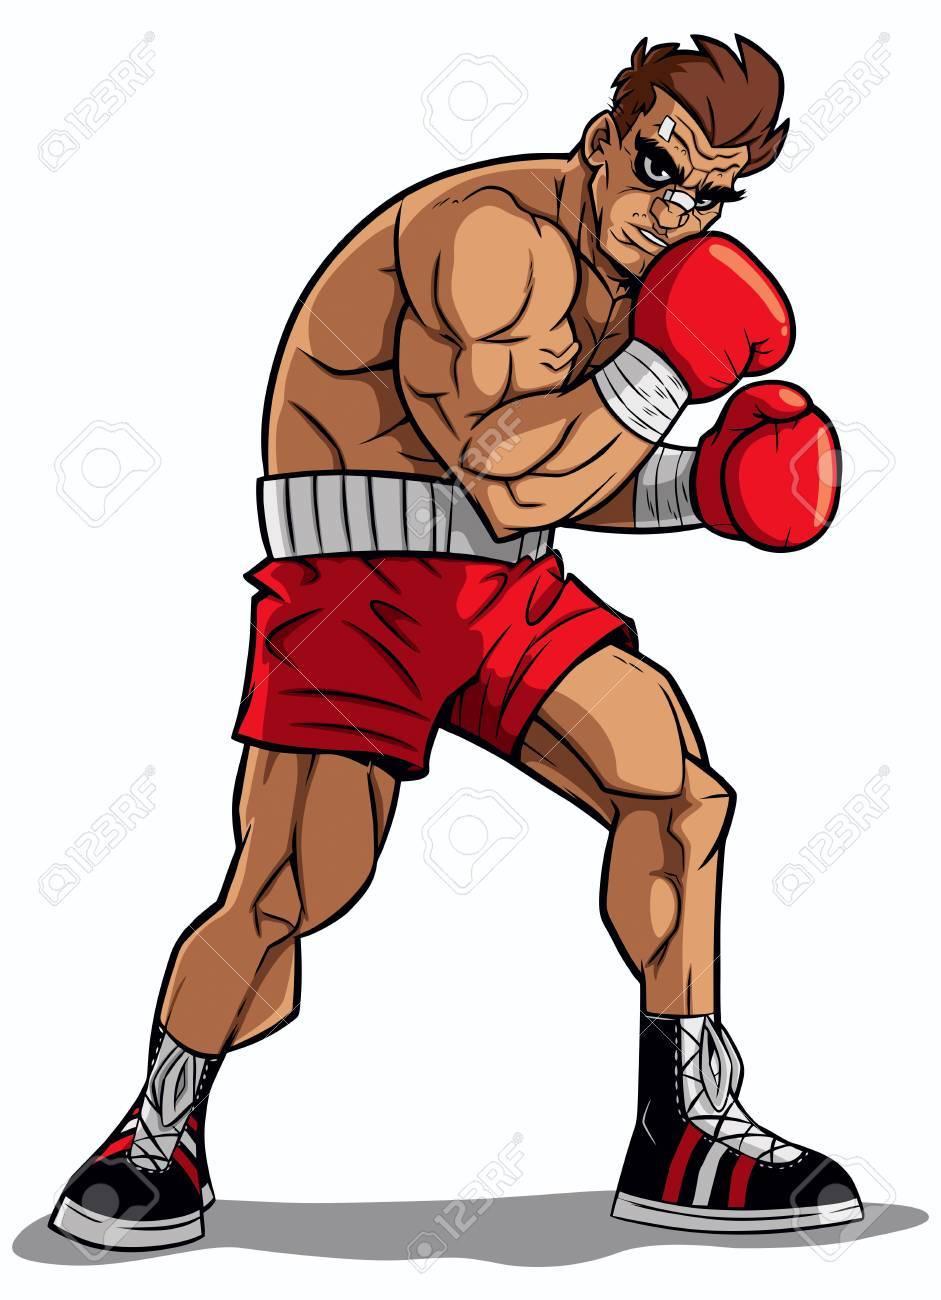 白い背景の上のボクサーのイラスト のイラスト素材 ベクタ Image